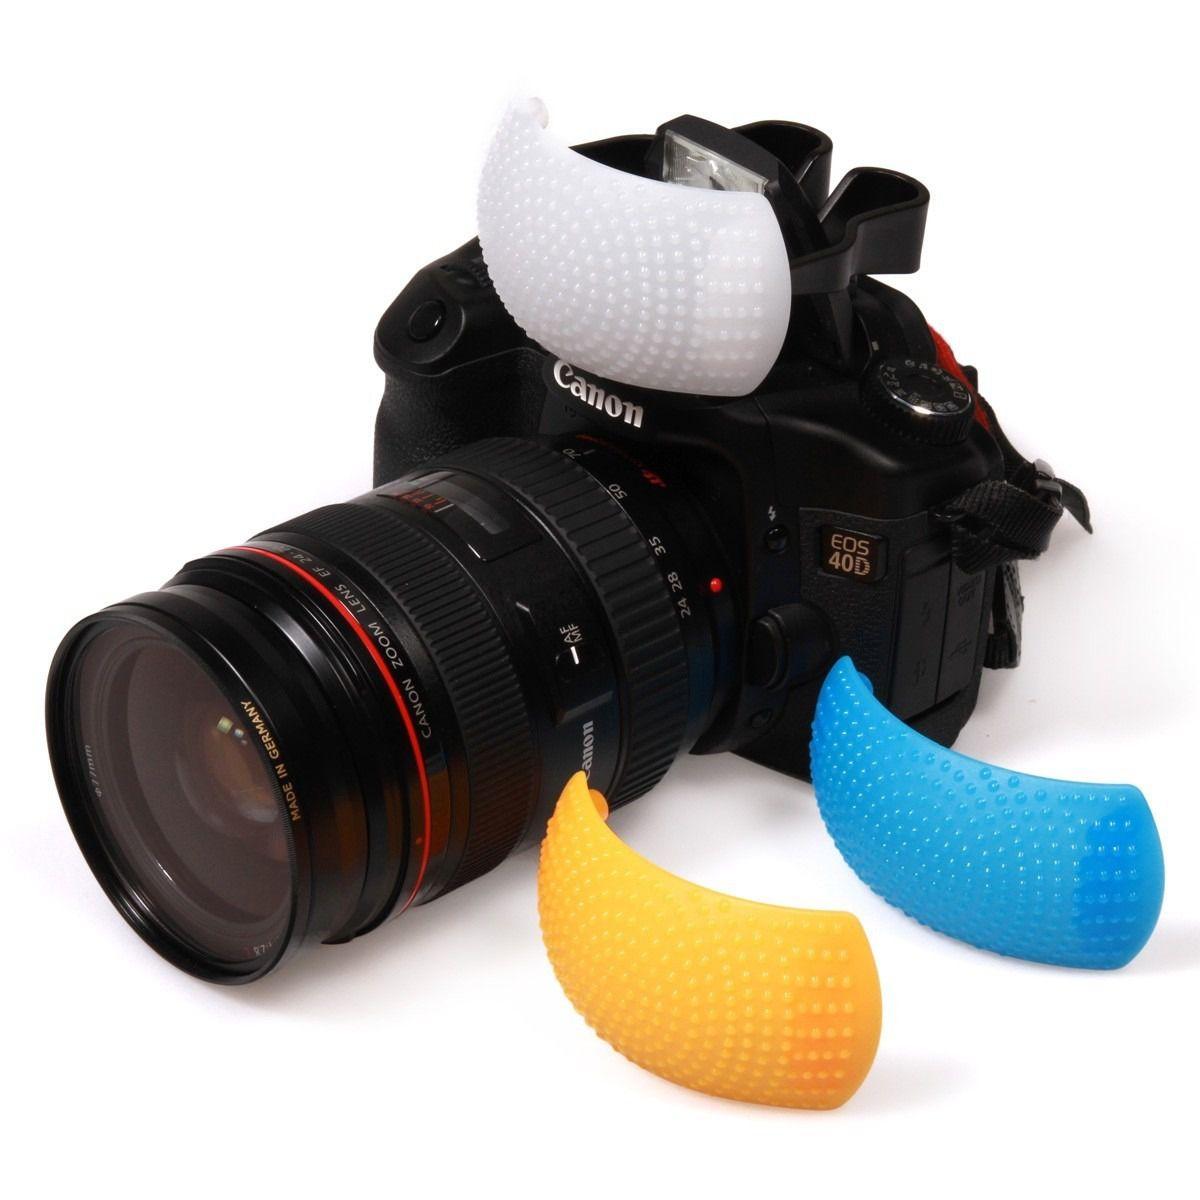 Difusor Para Flash Colorido Pop Up Kit Com 3